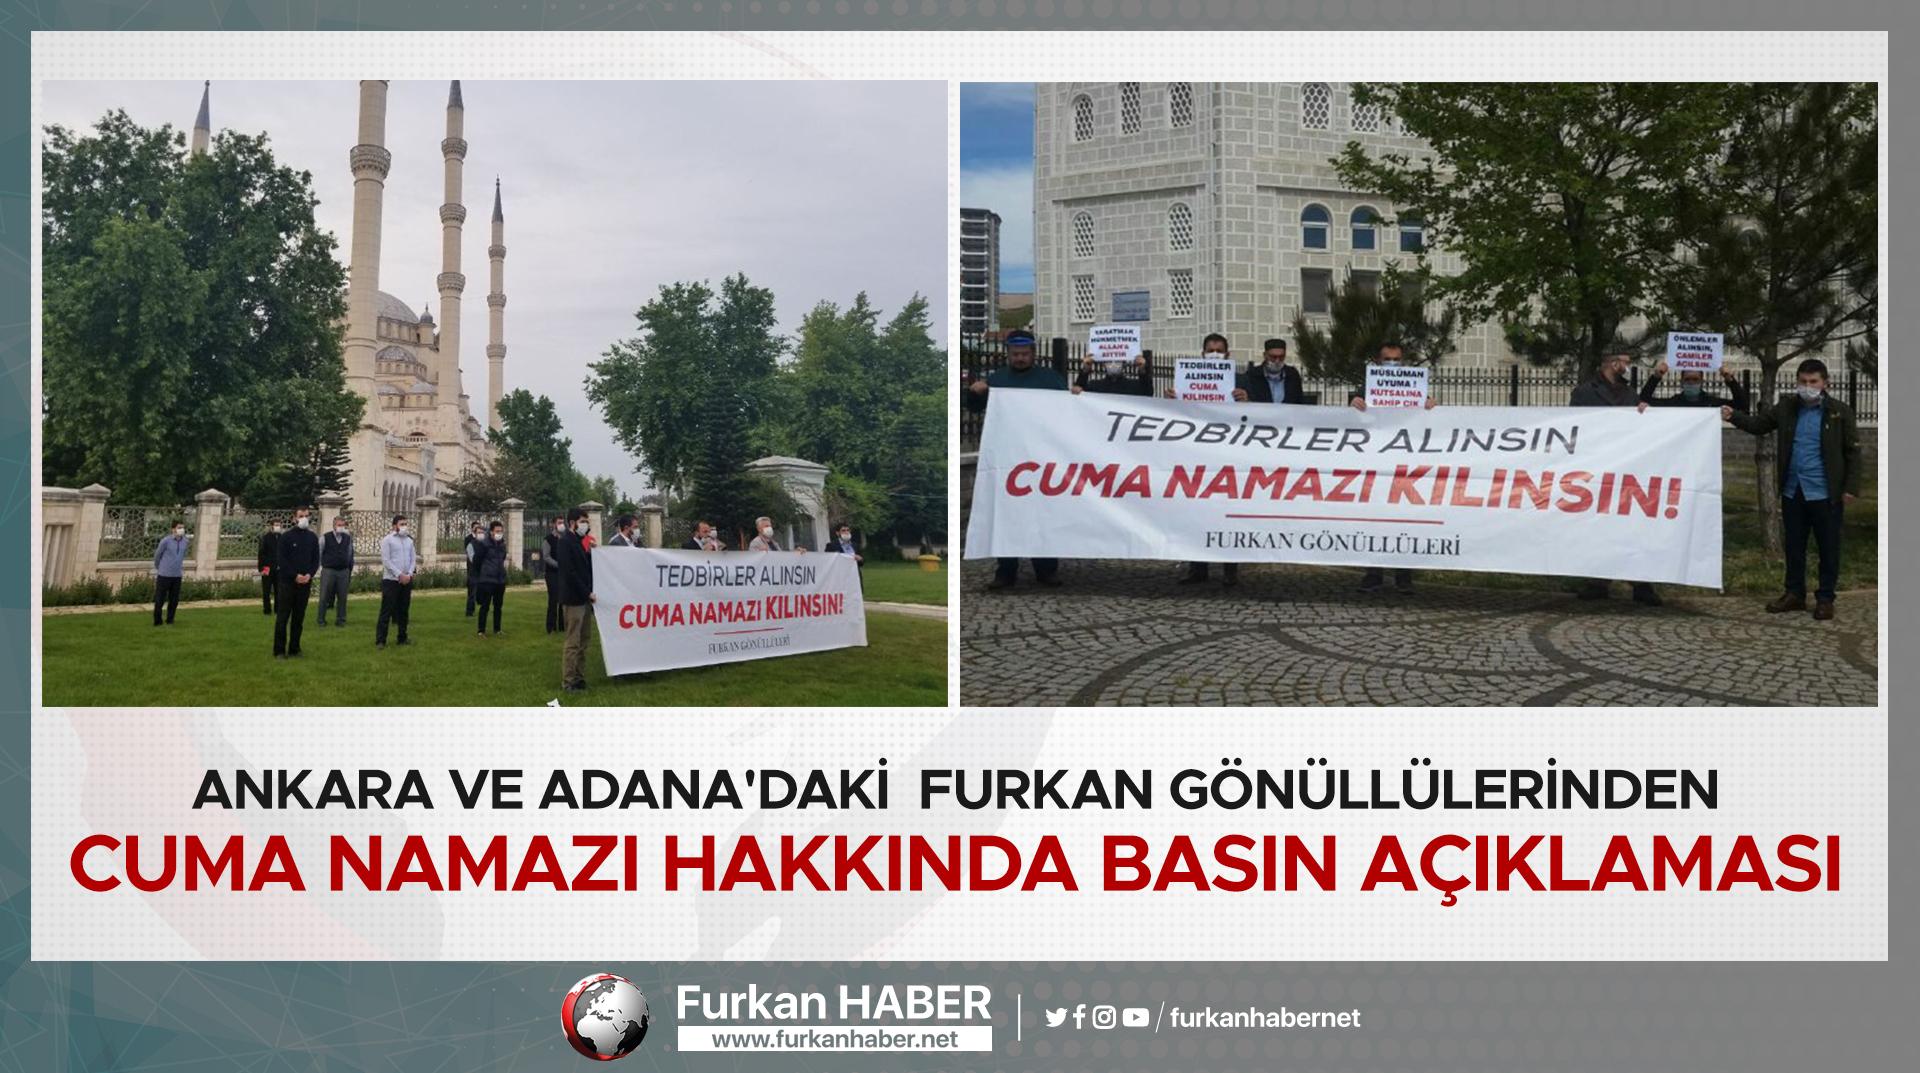 İstanbul, Ankara ve Adana'daki Furkan Gönüllülerinden Cuma Namazı Hakkında Basın Açıklaması